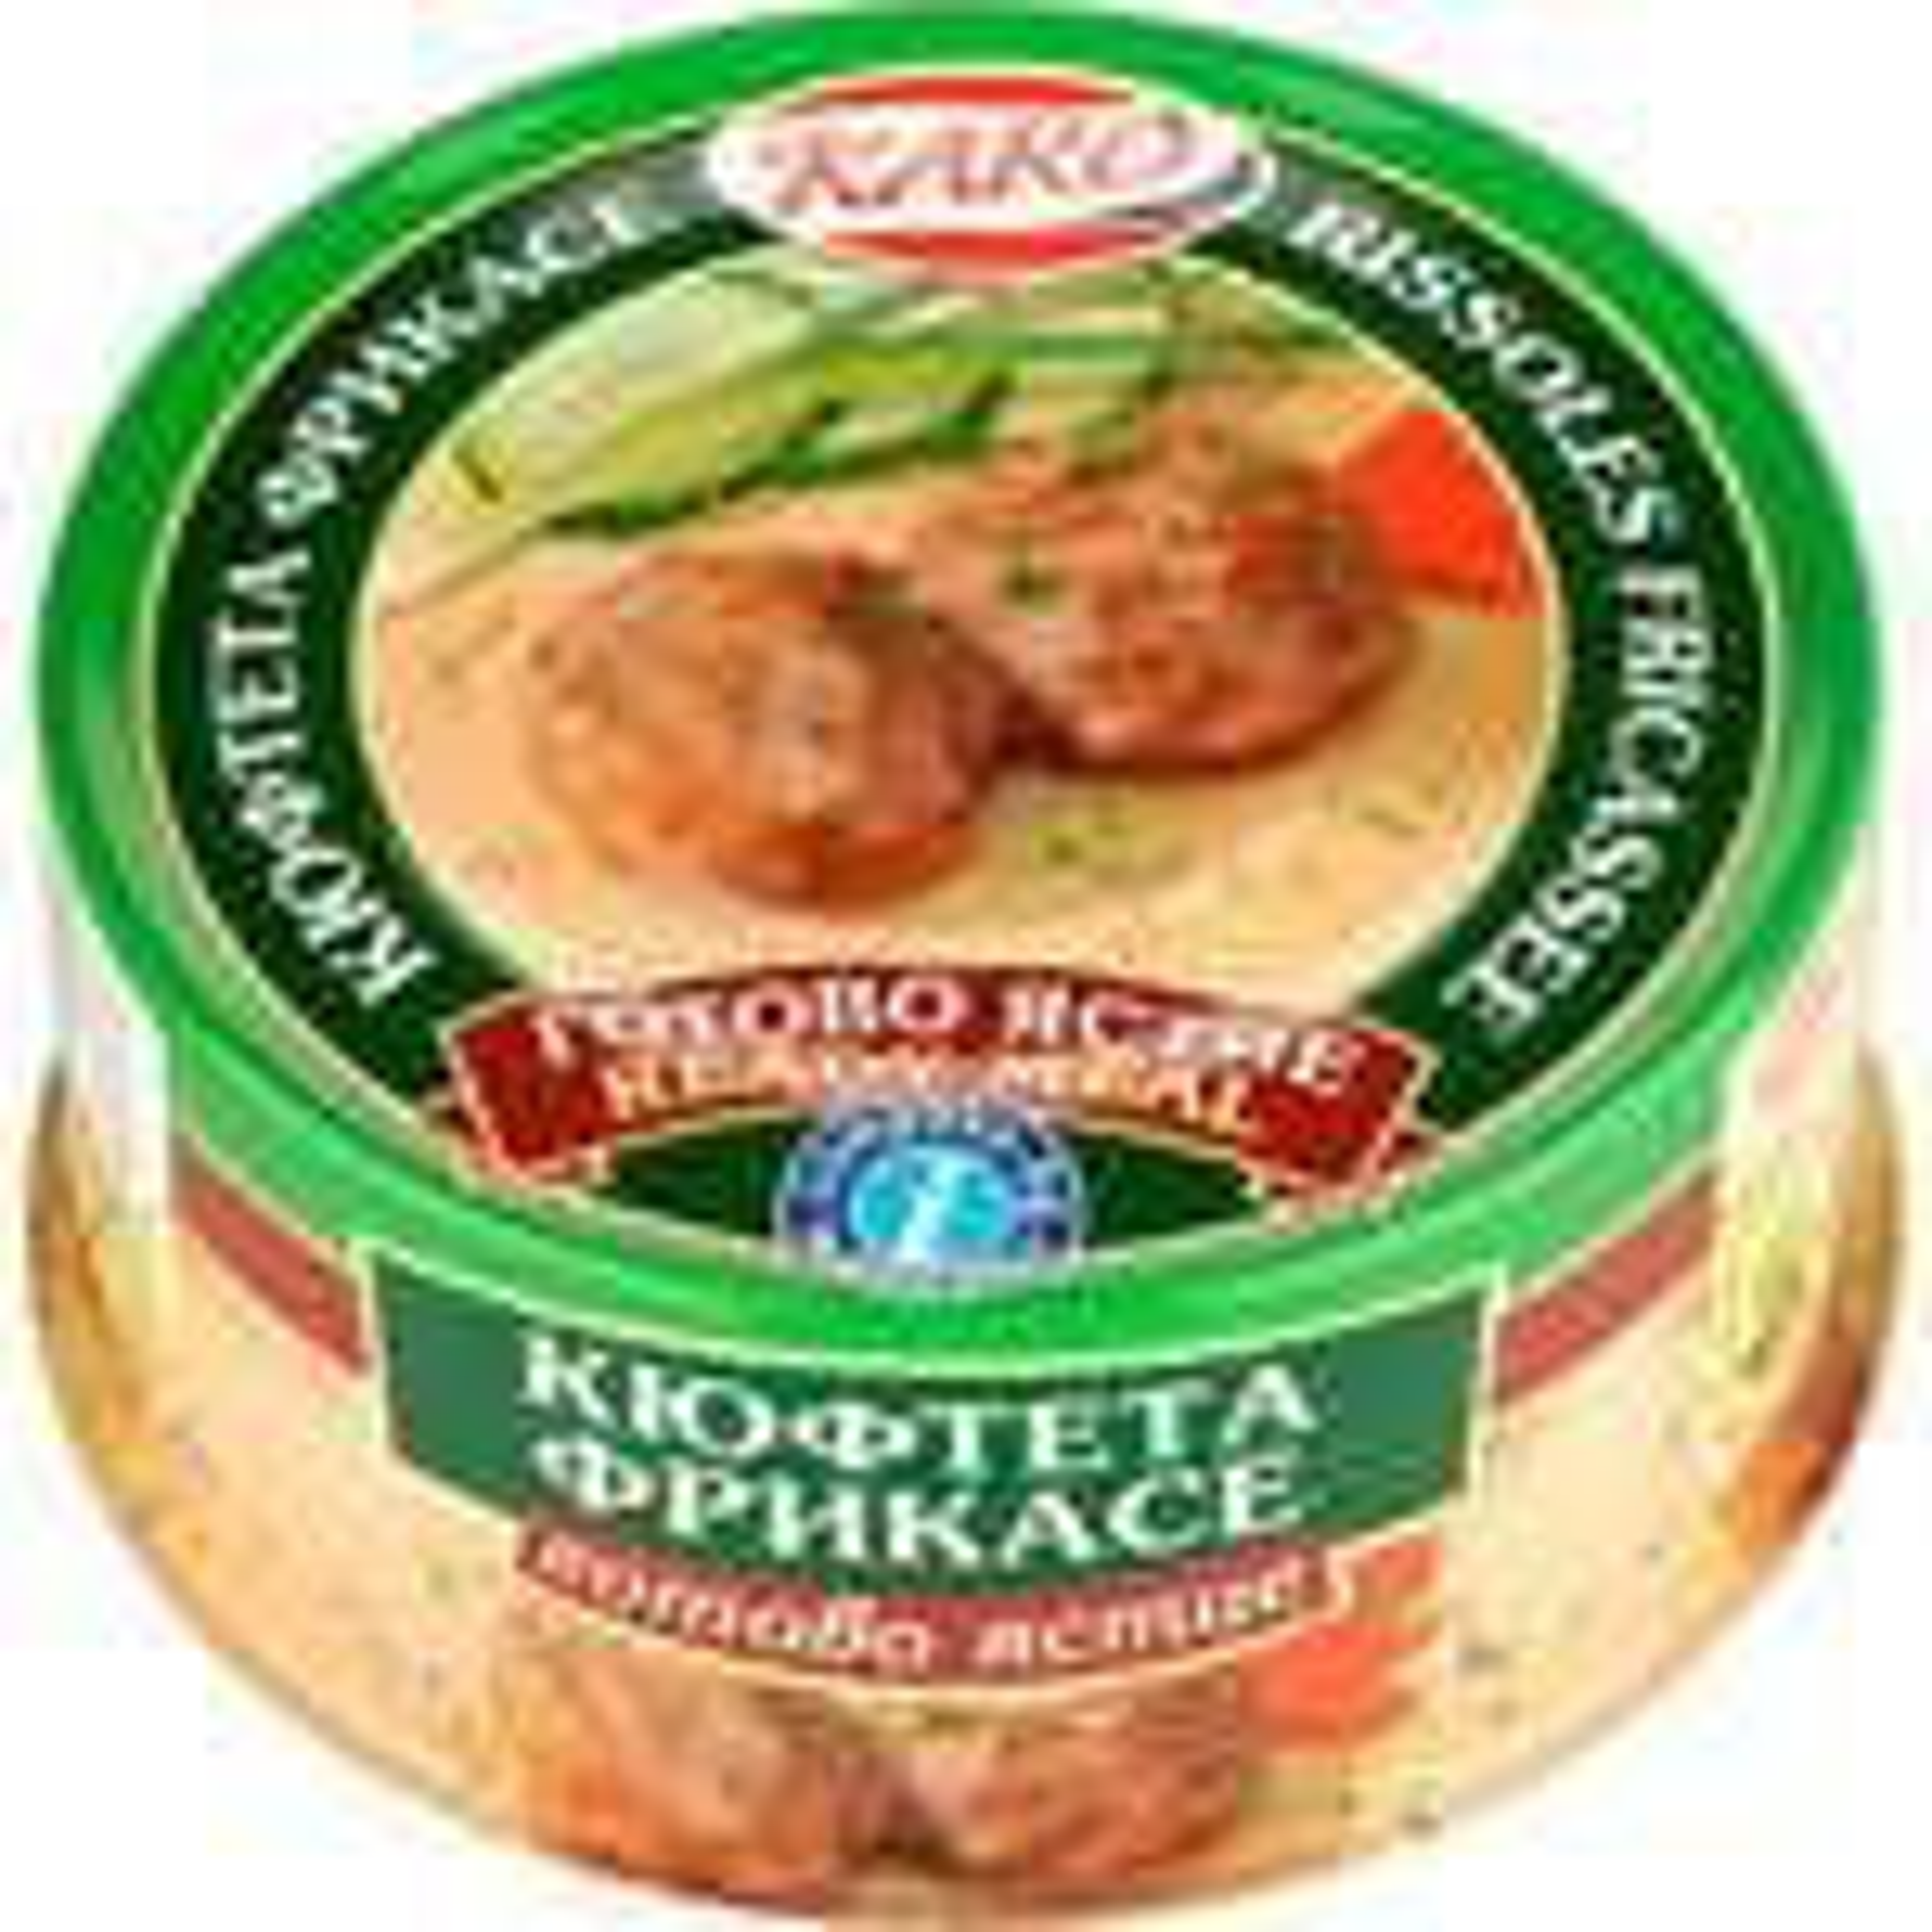 Изображение за продукта Karo Готово ястие различни видове